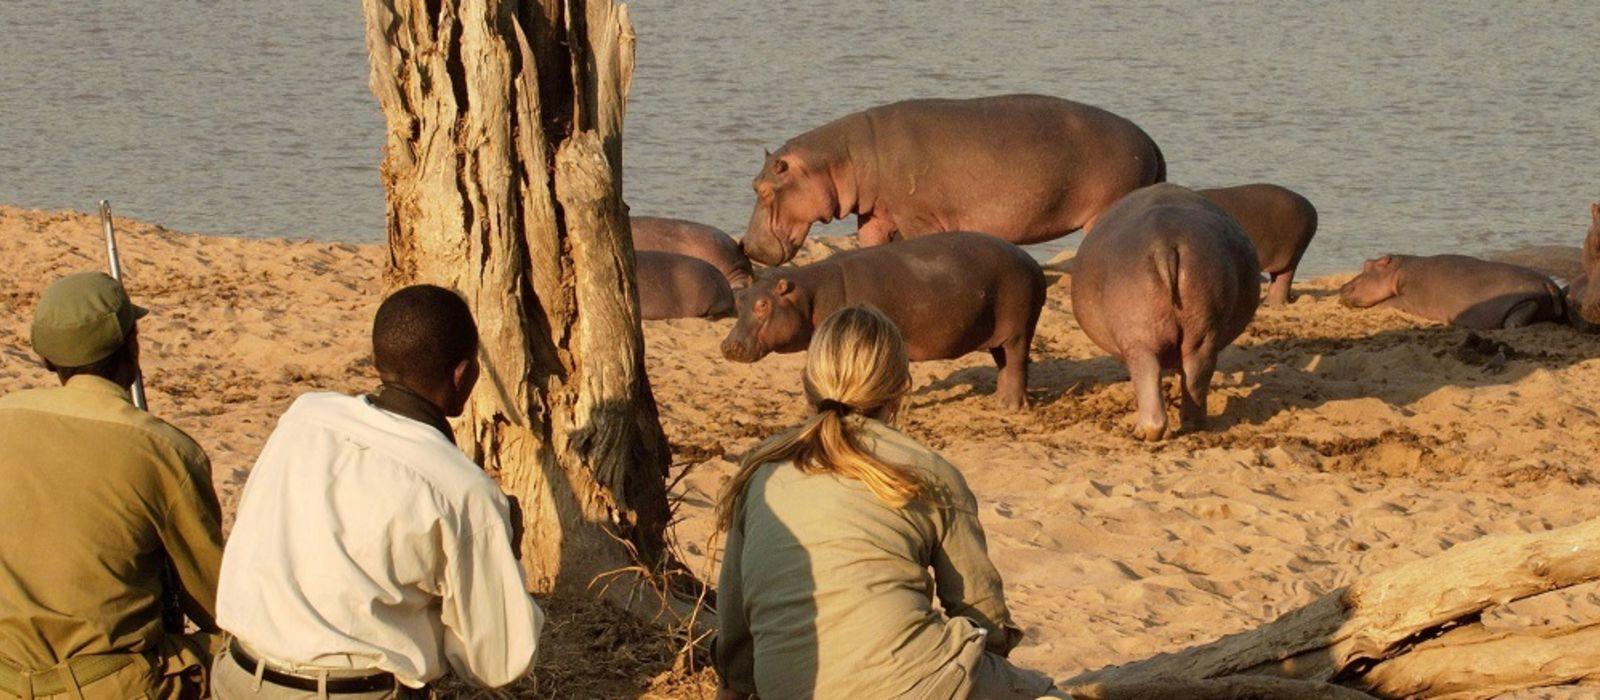 Zambia: Victoria Falls and Safari Highlights Tour Trip 5